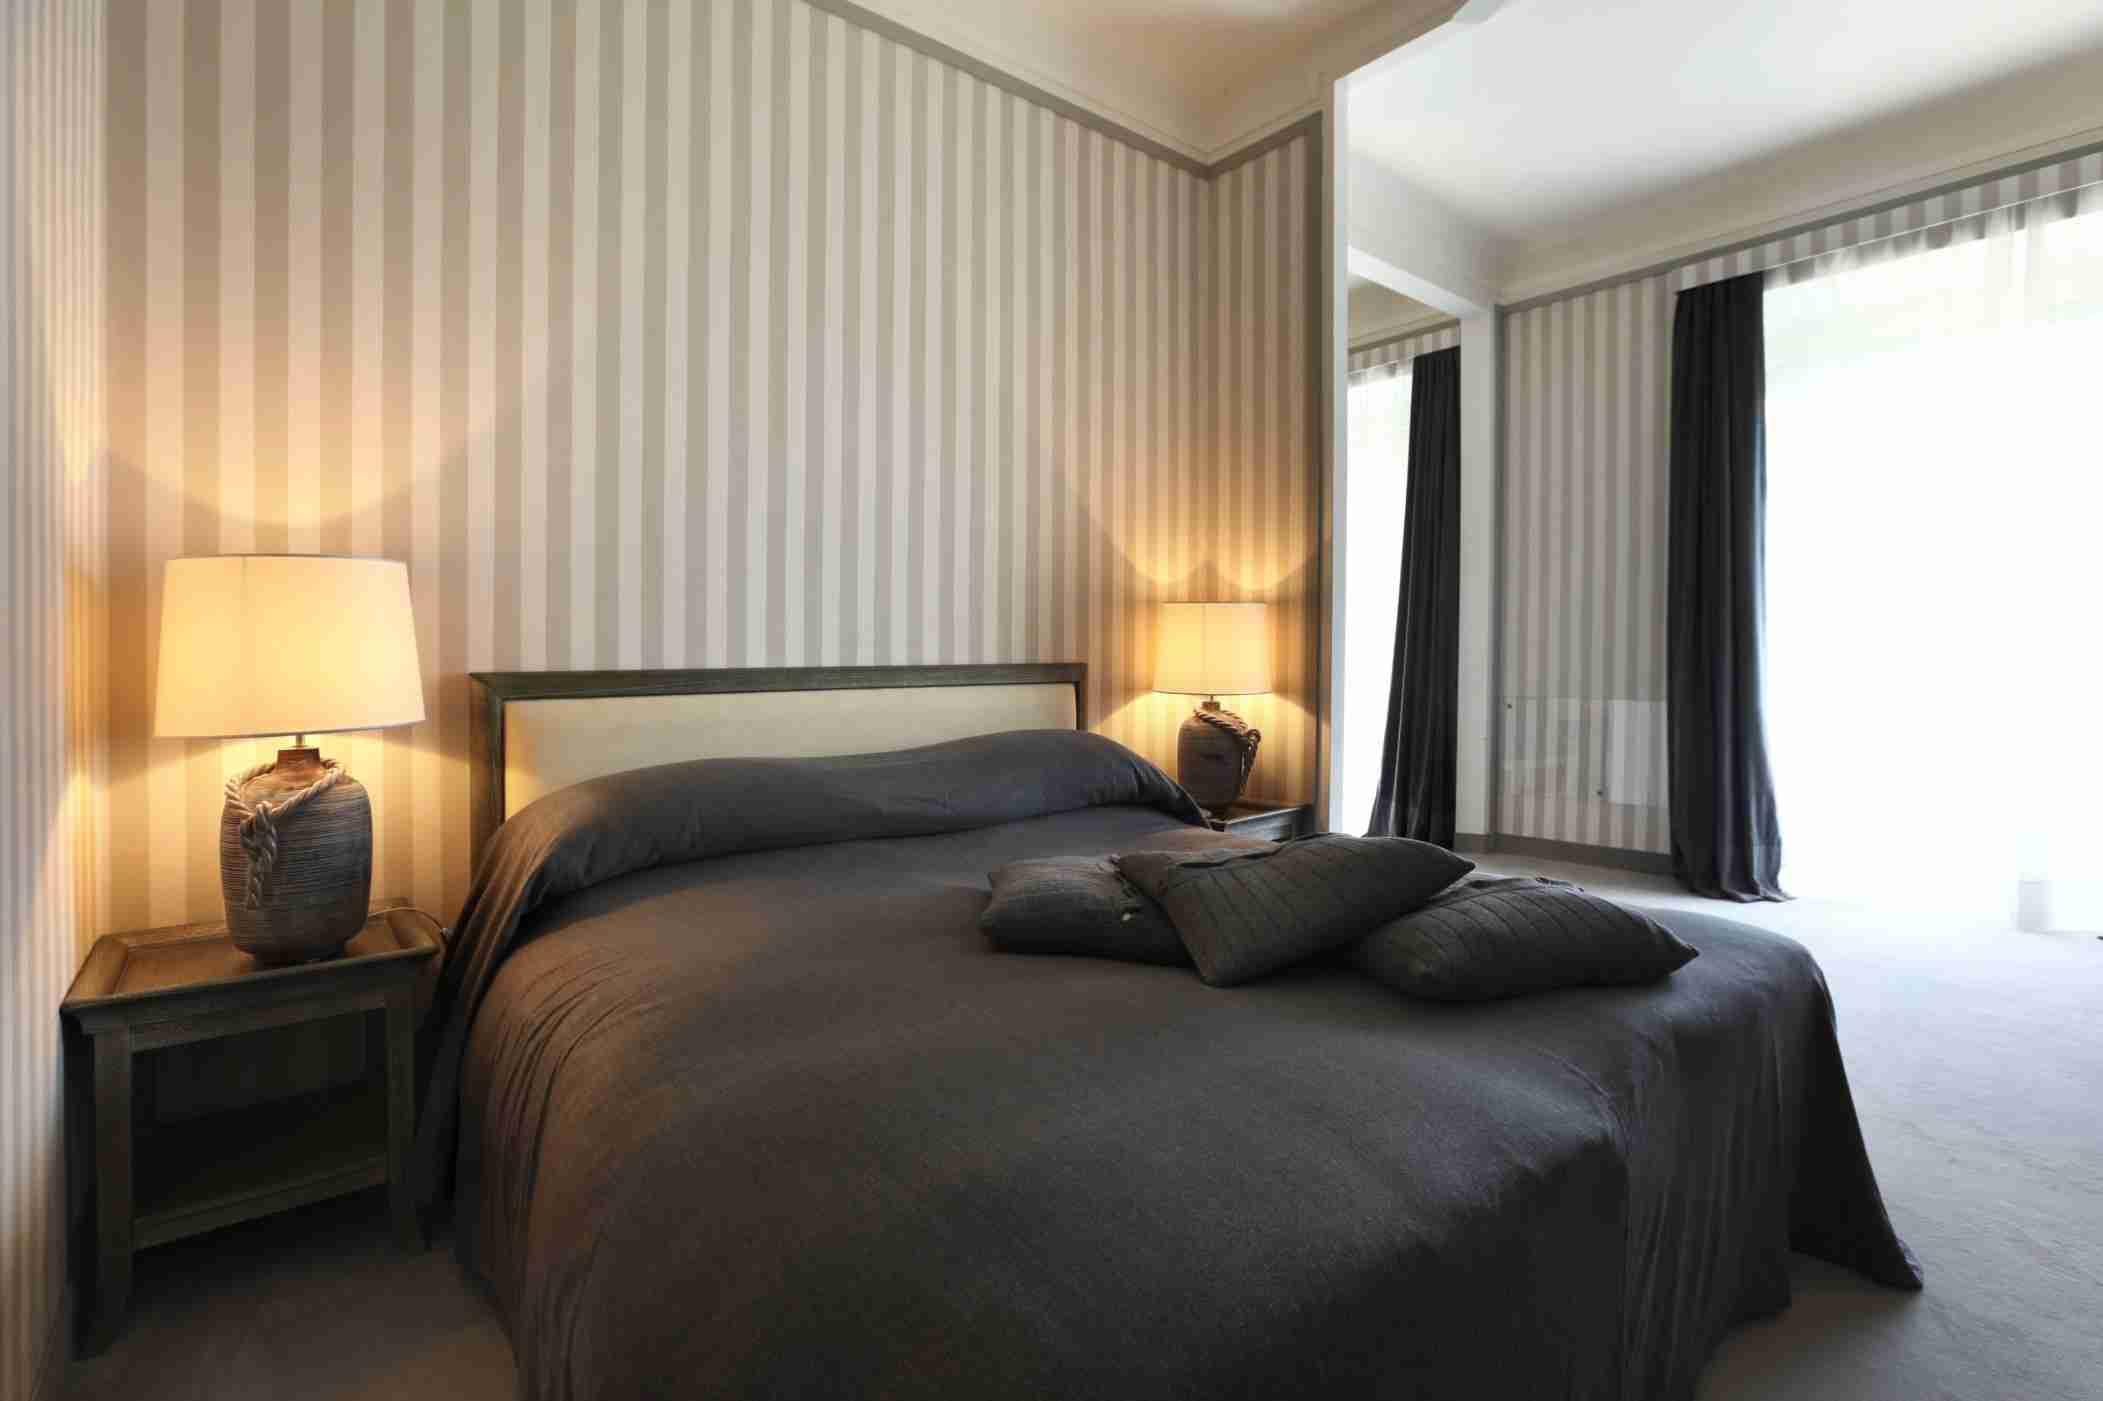 Quanto Deve Essere Grande Una Camera Da Letto Matrimoniale : Quanto deve essere la camera da letto arredare un appartamento di